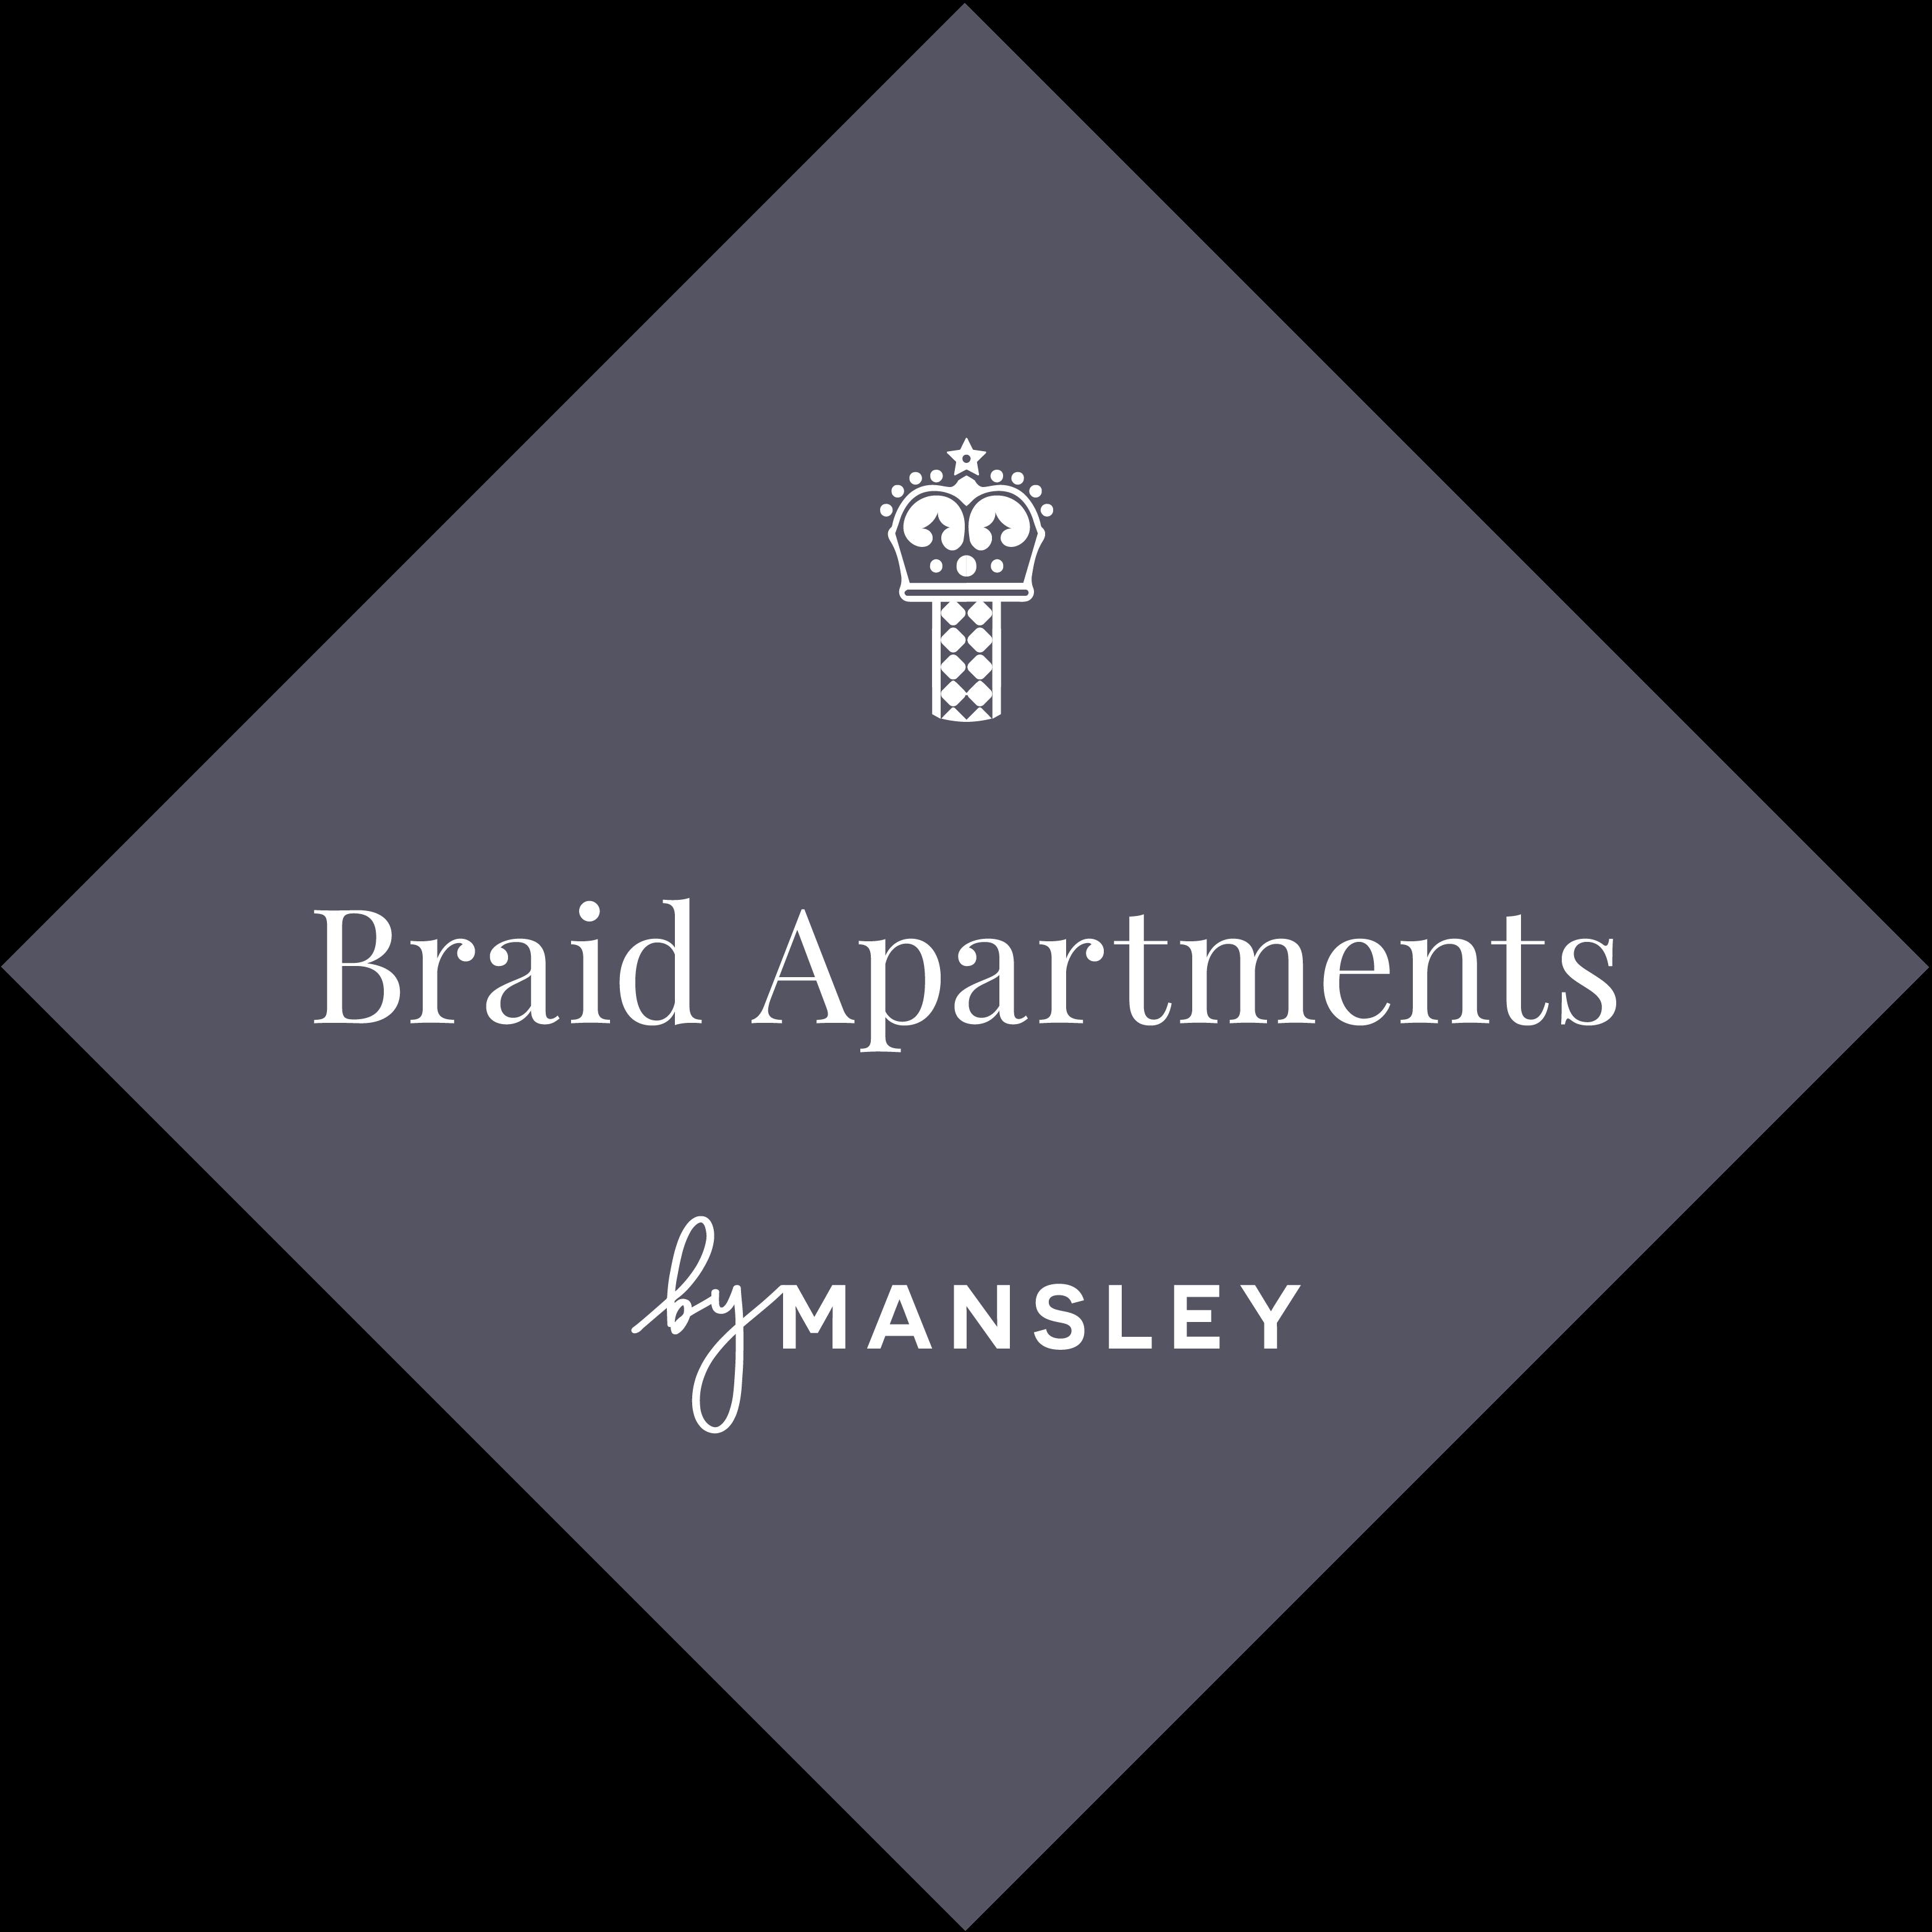 braid apartments diamond icon